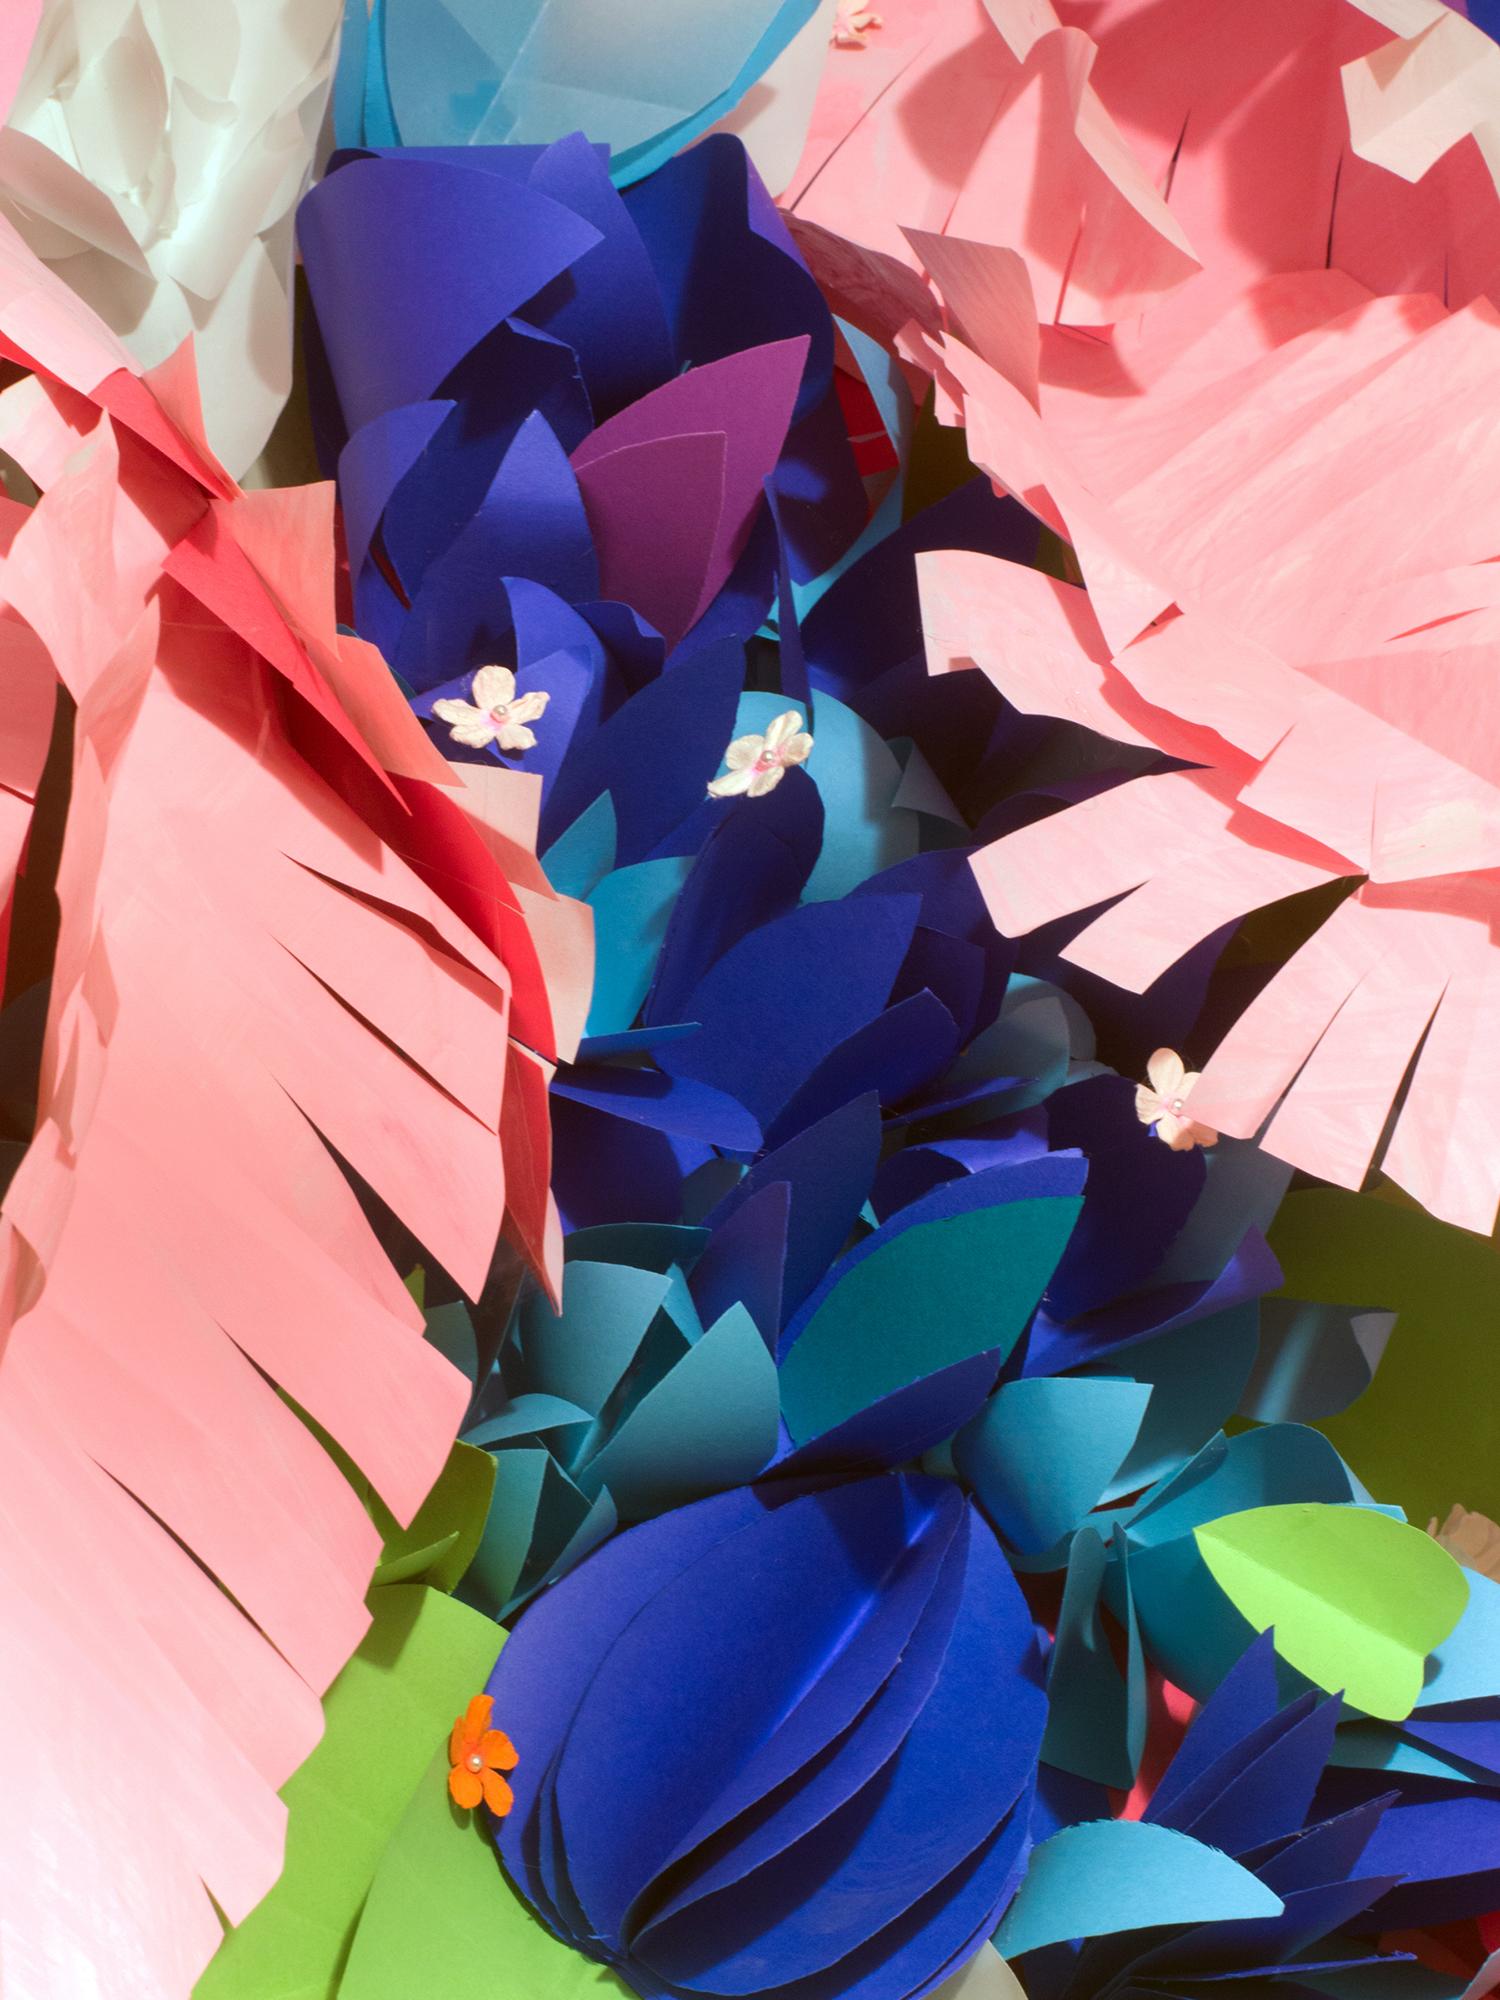 Trey_Wright_Flowerwall_bluepink.jpg